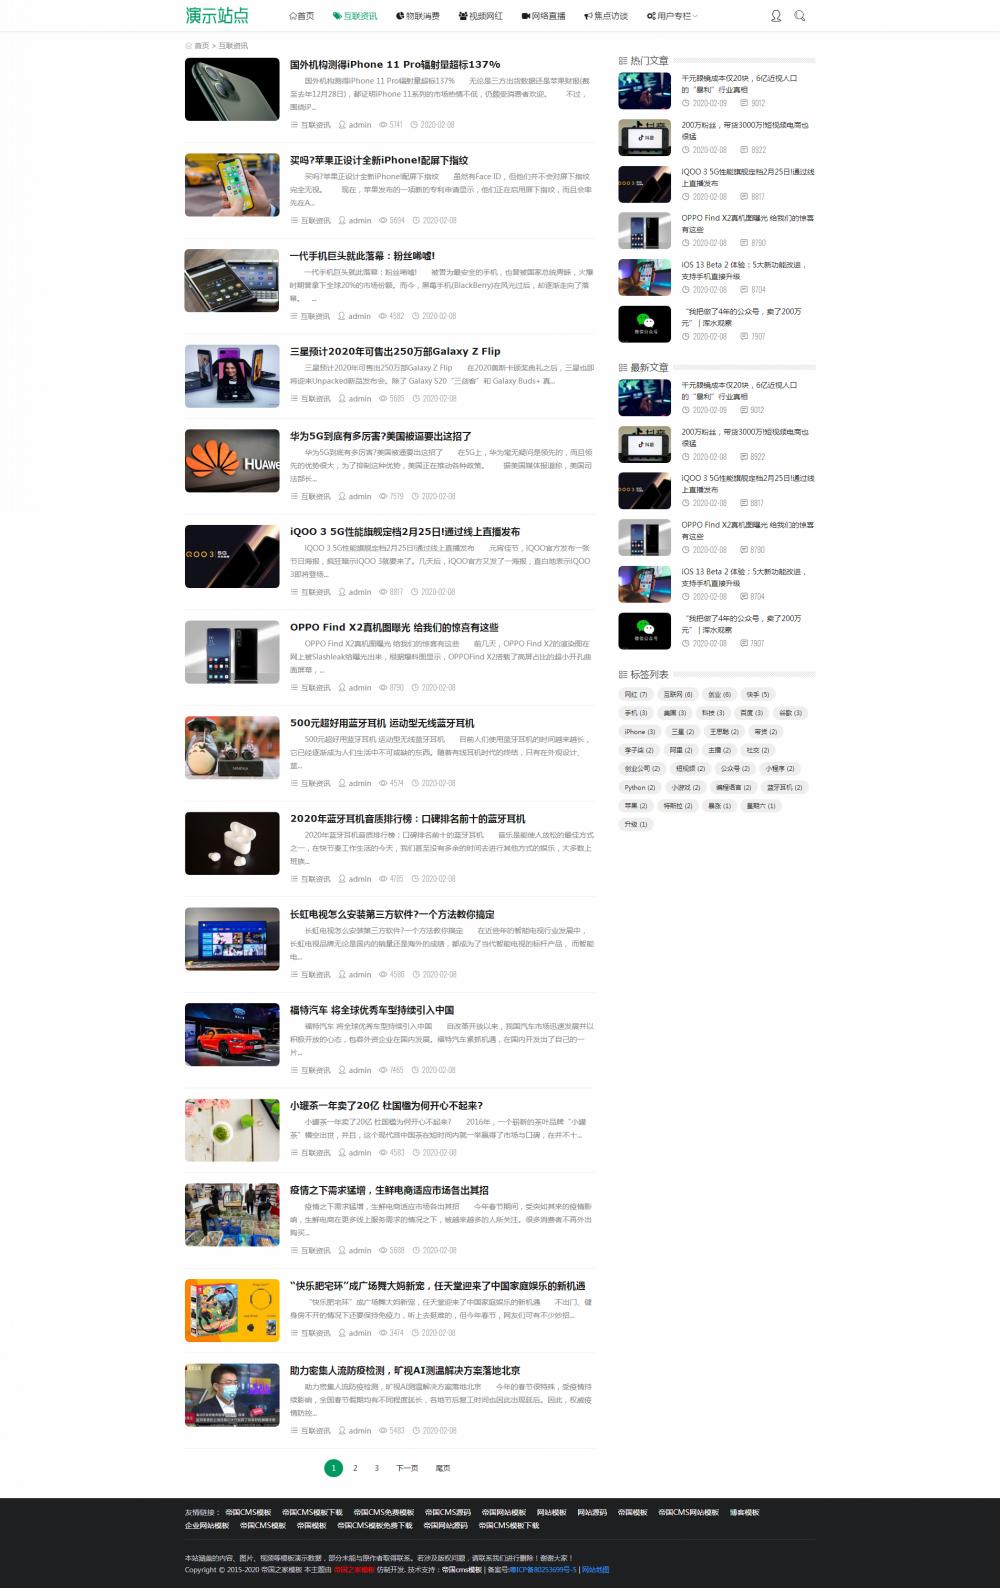 2新闻栏目页.png [DG-0145]帝国cms自适应新闻资讯模板,响应式新闻资讯博客帝国cms模板 新闻资讯 第2张